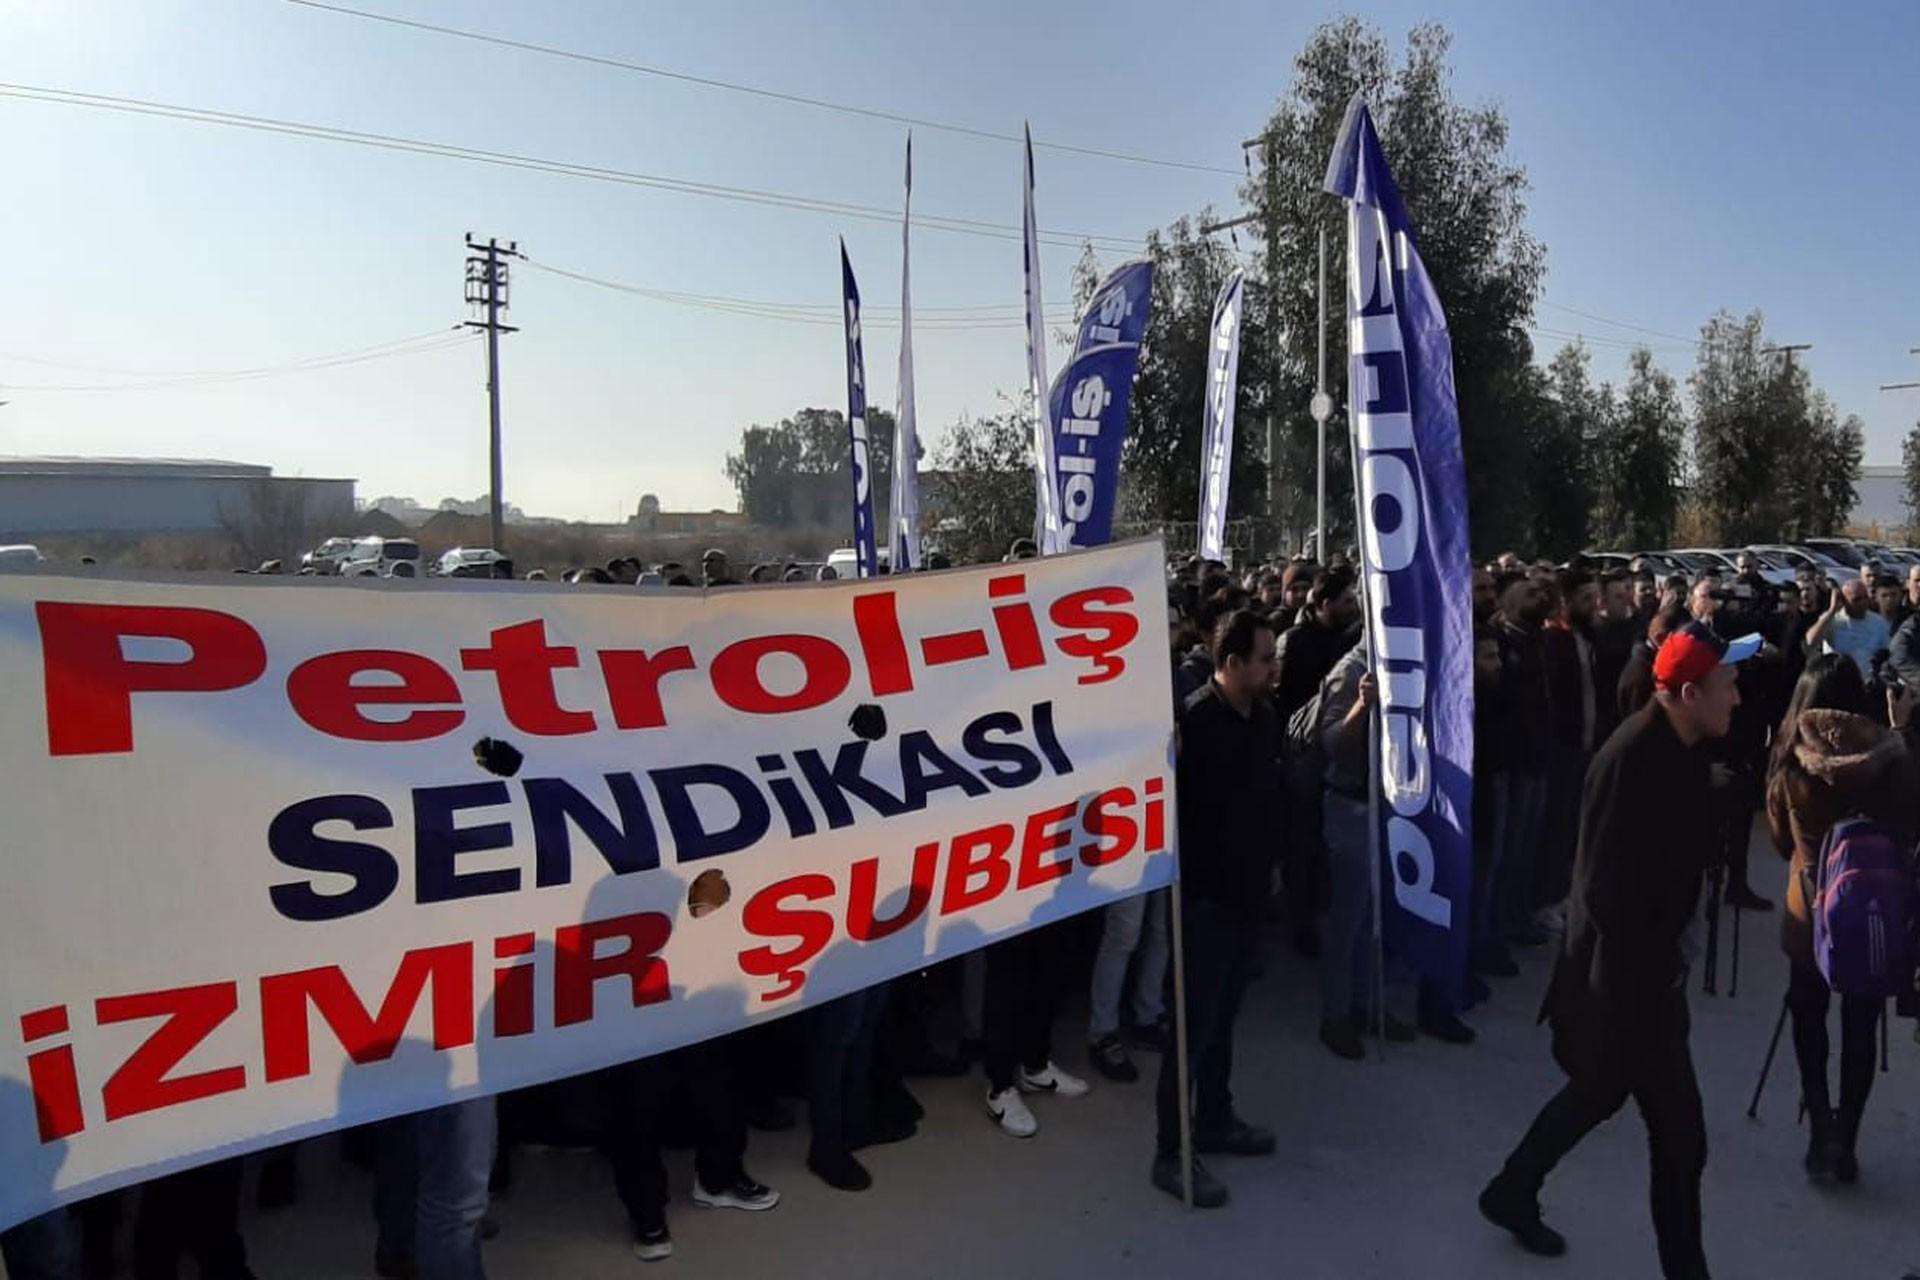 Petrol İş üyesi işçiler çalışma koşullarına ilişkin eylem yaptı